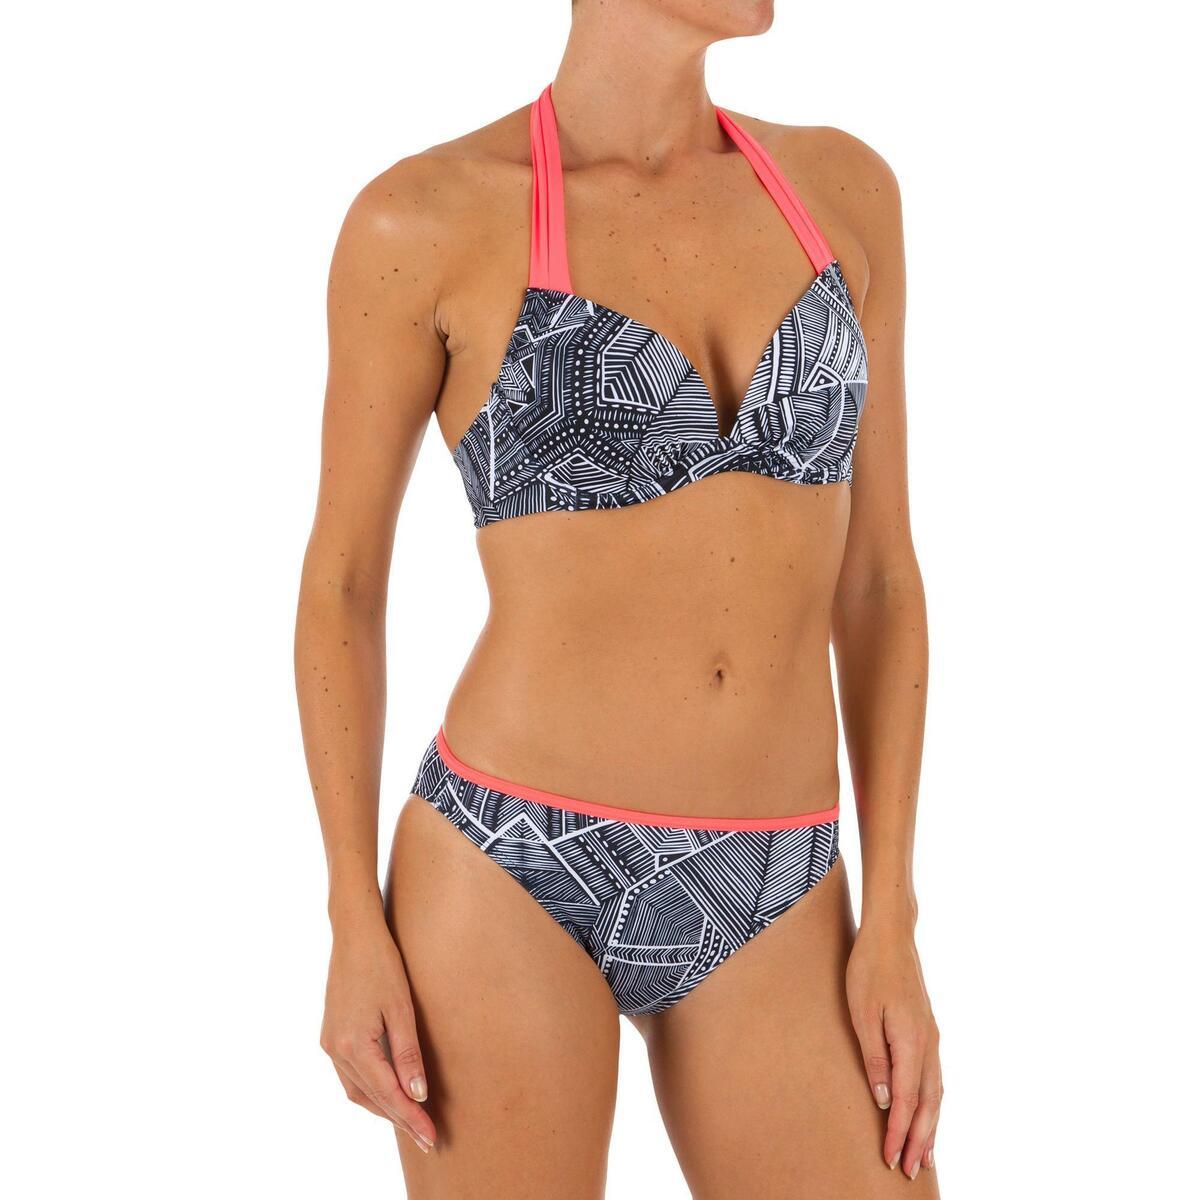 Bild 4 von Bikini-Oberteil Push-Up Elena Tribu angenähte Formschalen Damen